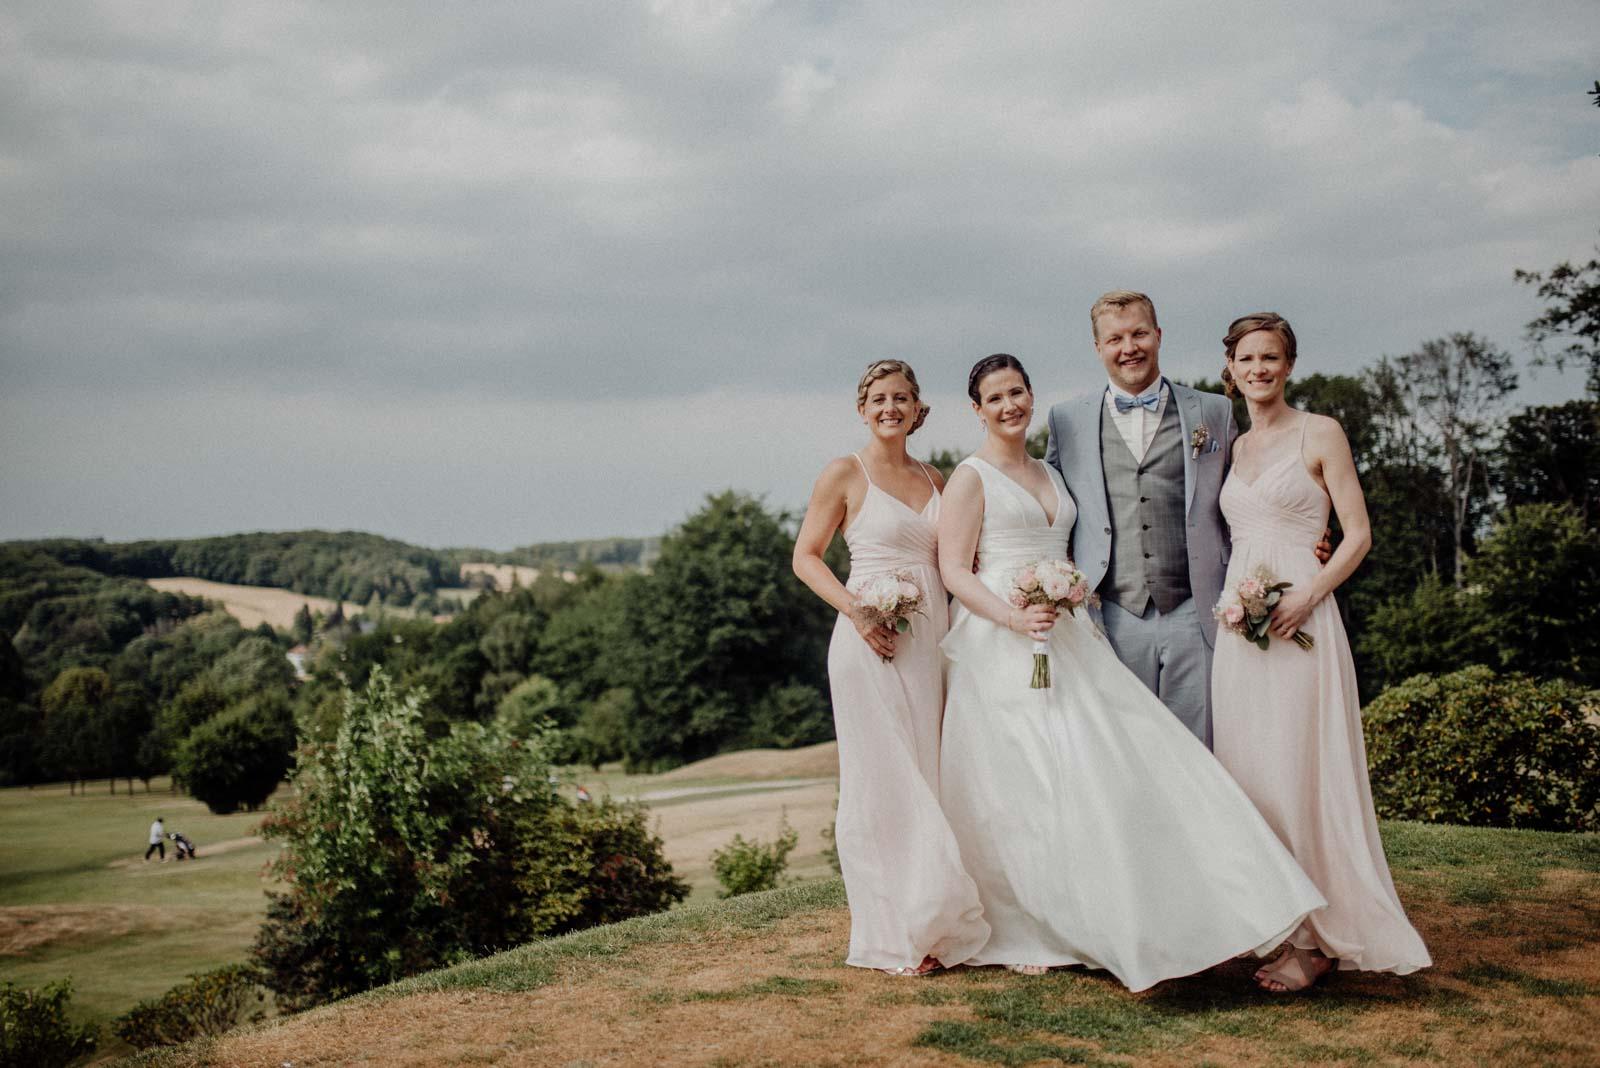 Bridesmaids Party und Fotos mit den Brautjungfern